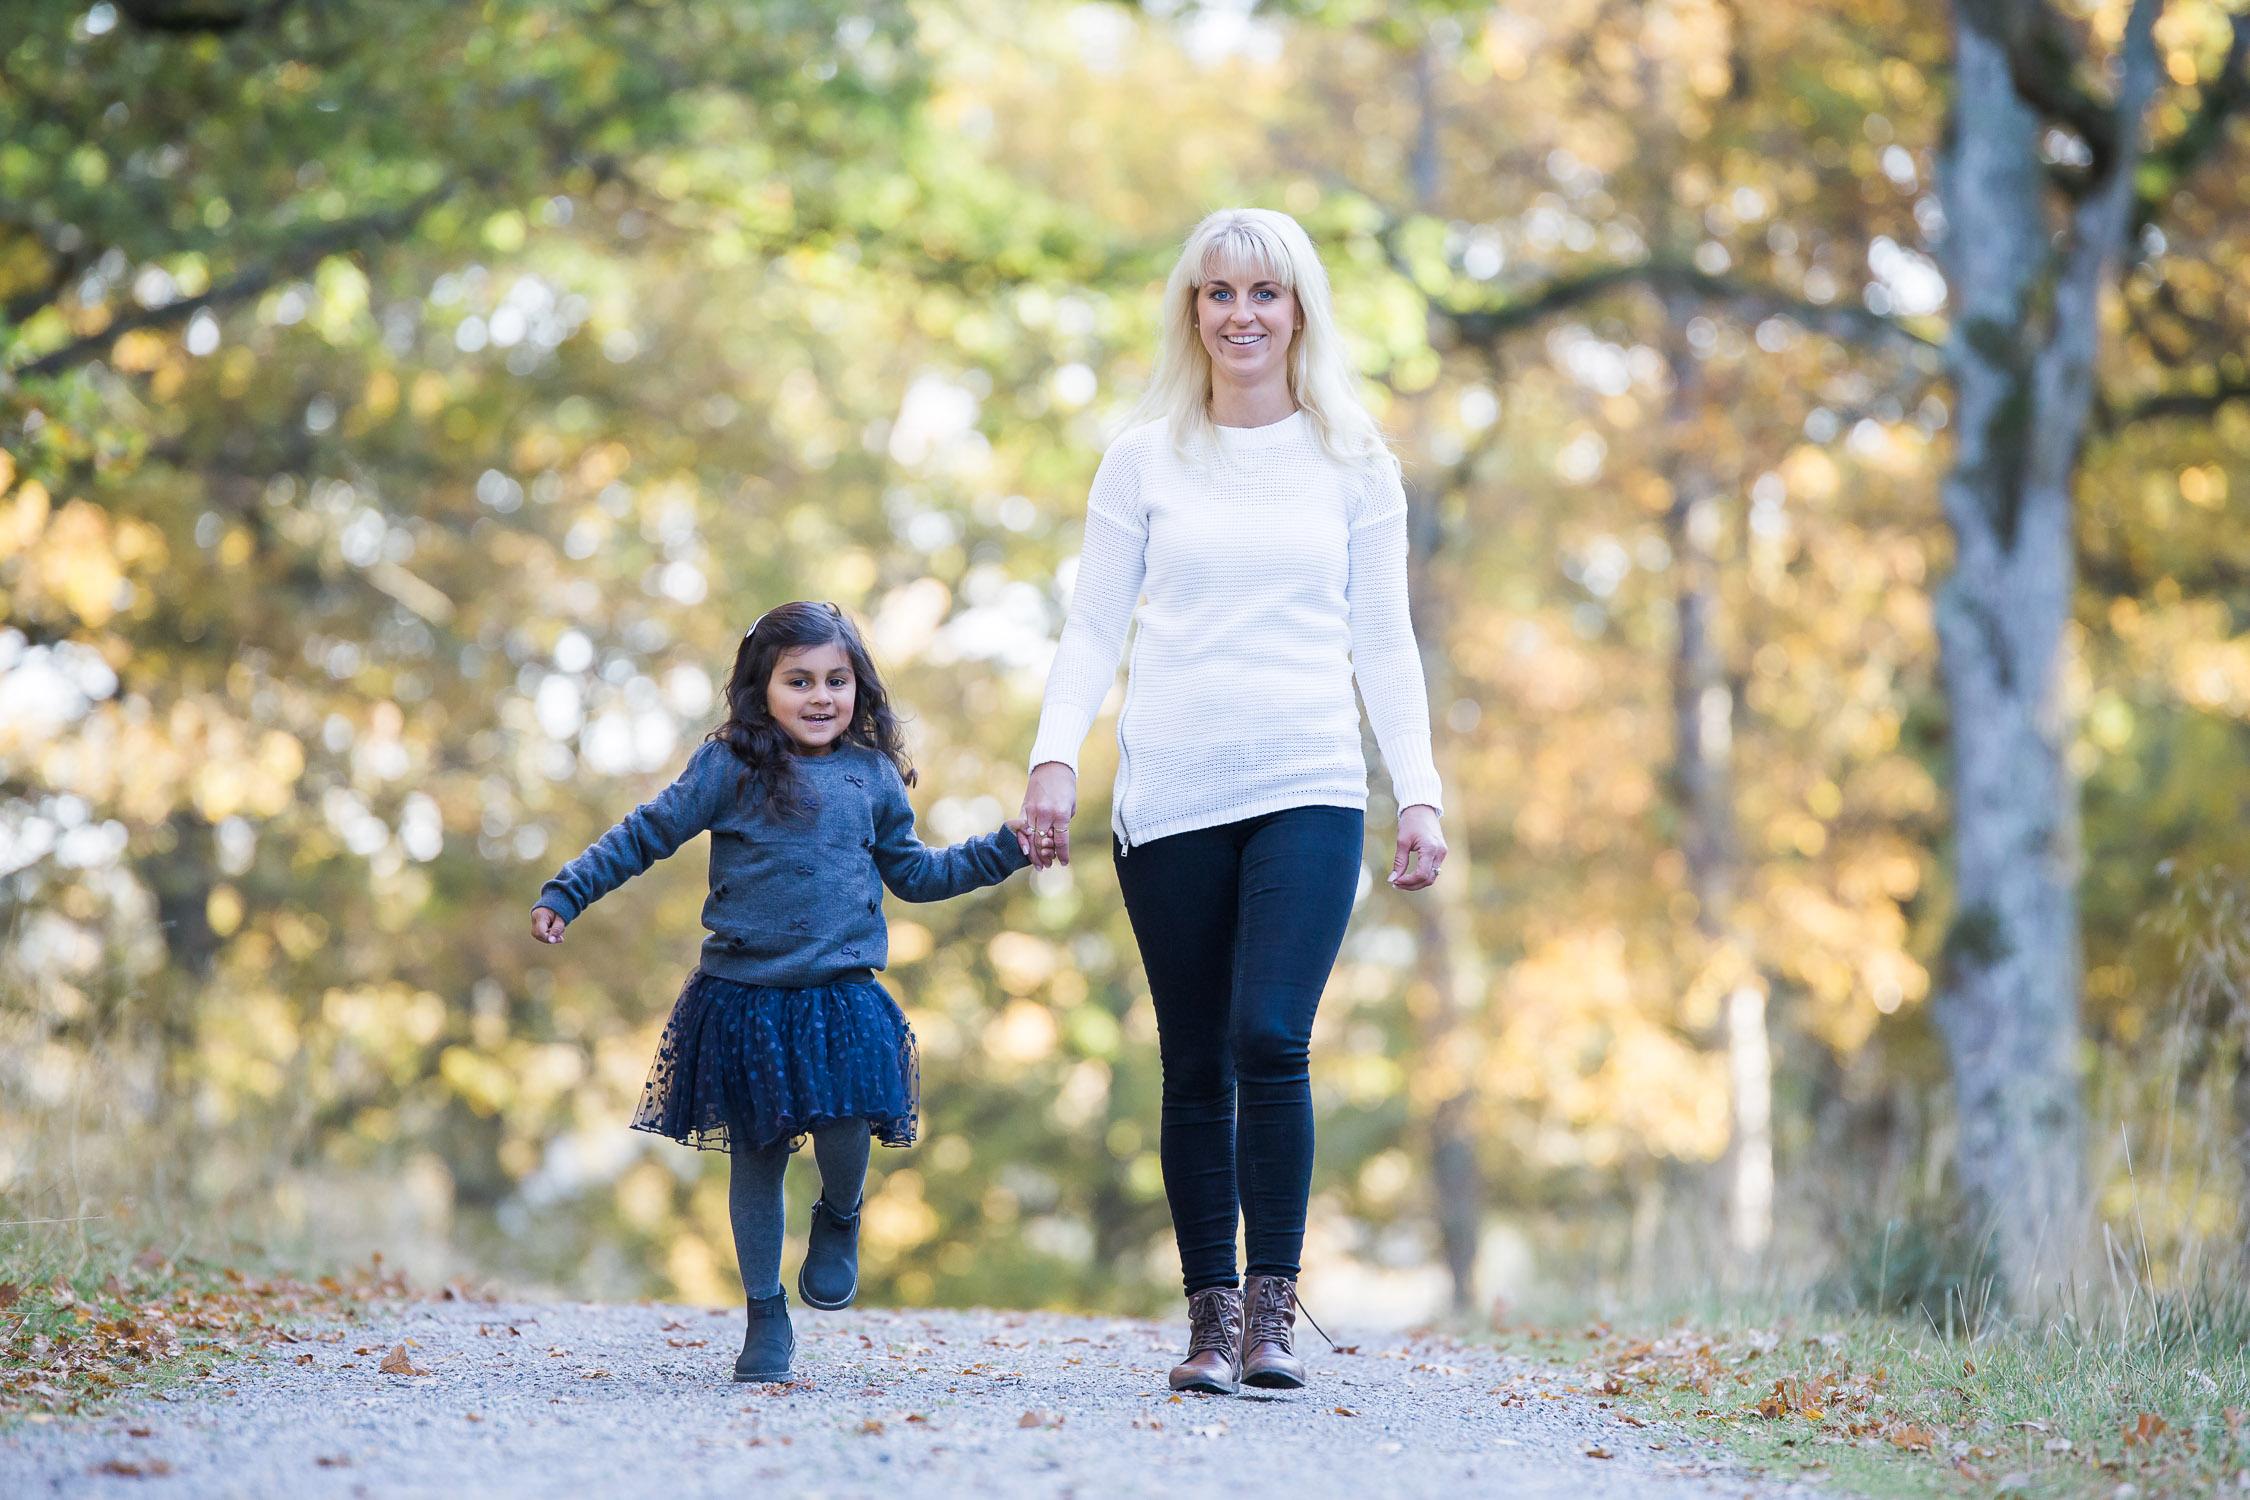 barn-fotograf-mariefred-strangnas-nykvarn-2